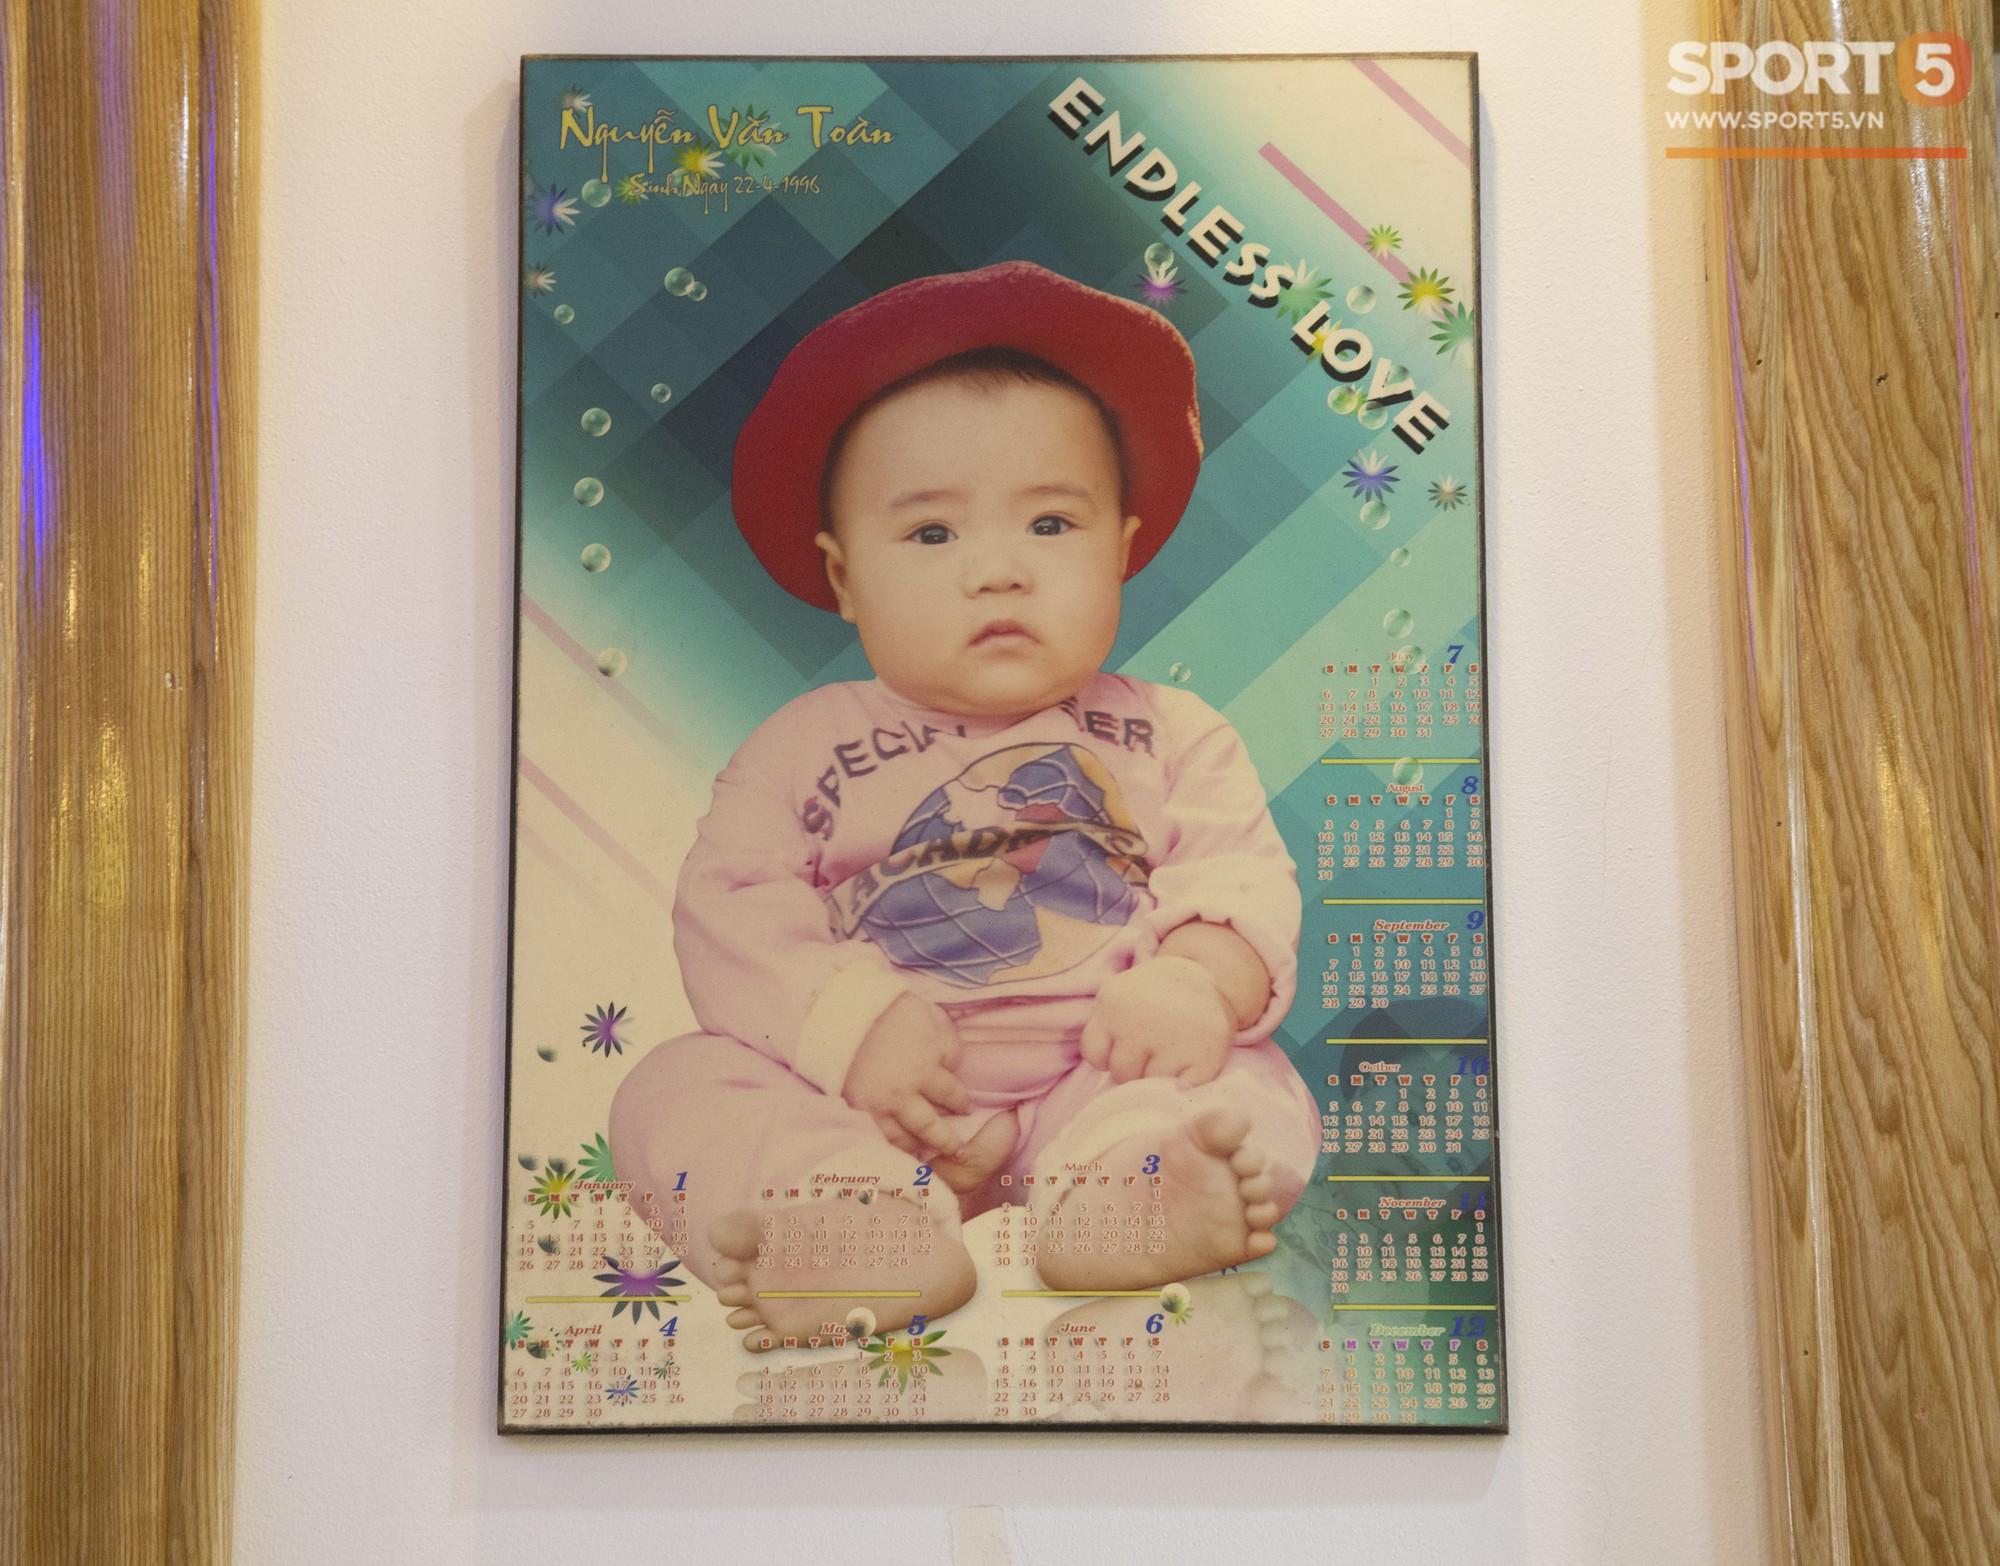 Các fan Big Bang lại được dịp yêu Văn Toàn hơn nữa khi nhìn thấy thứ này trong phòng ngủ của anh - Ảnh 10.